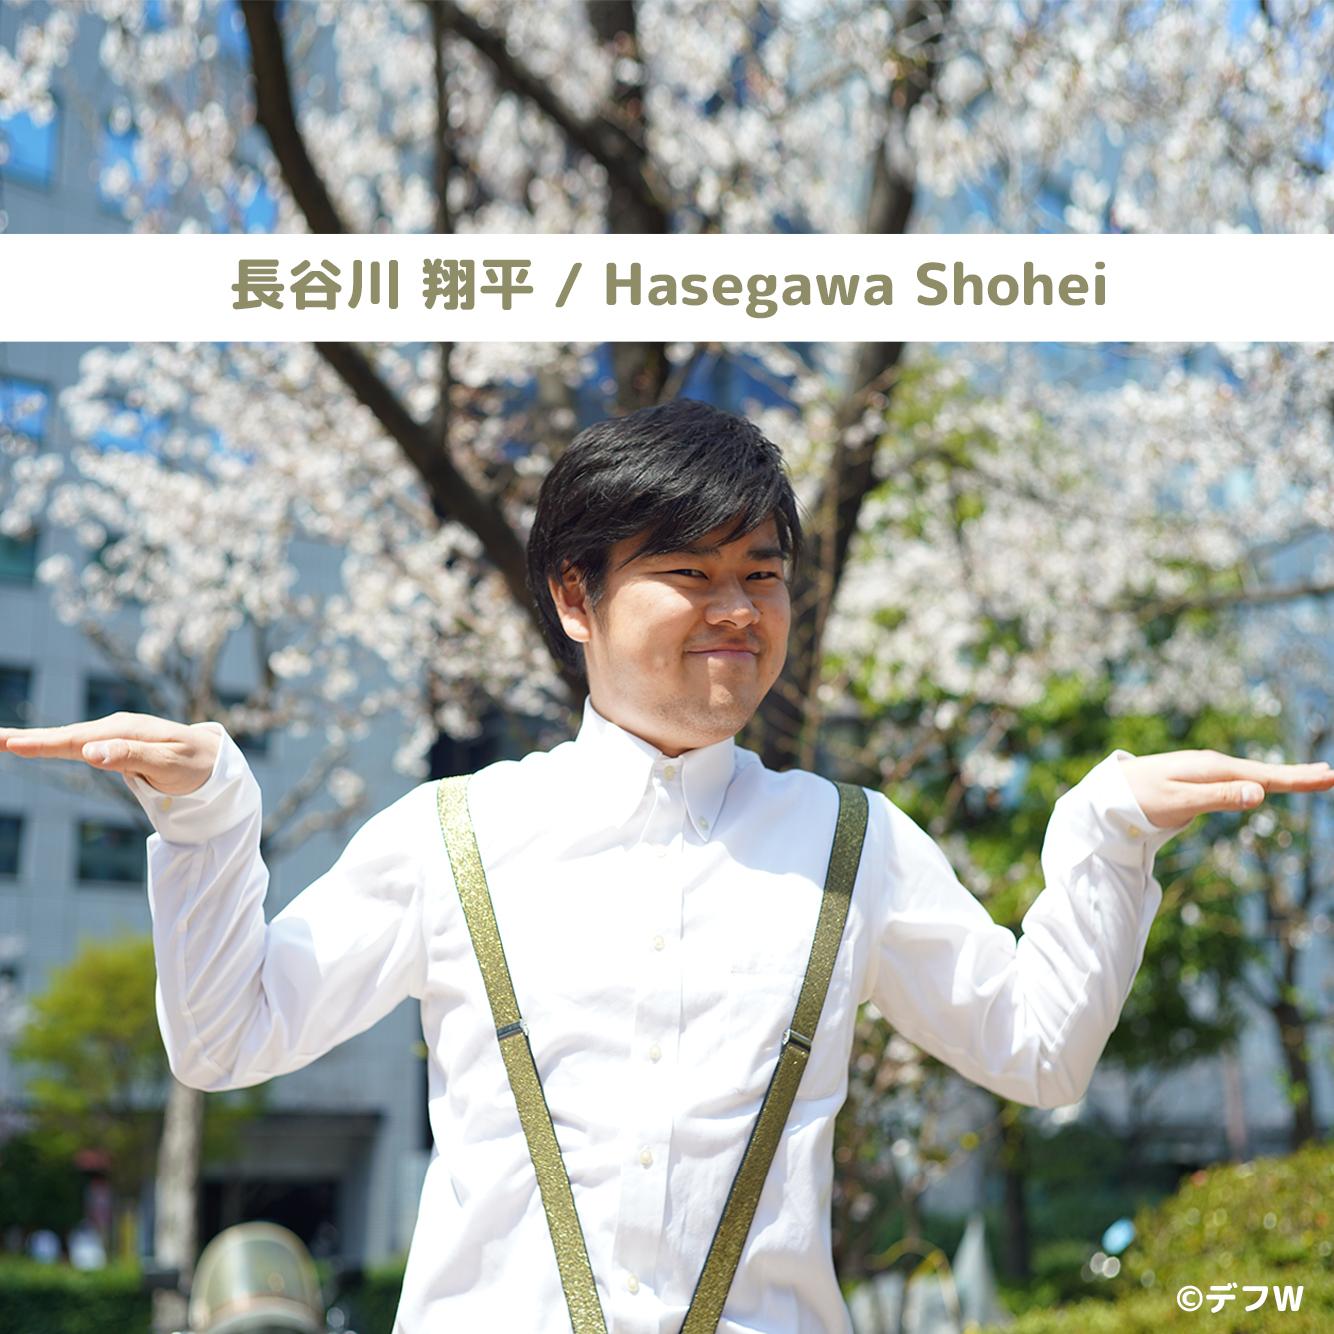 長谷川 翔平 / Hasegawa Shohei